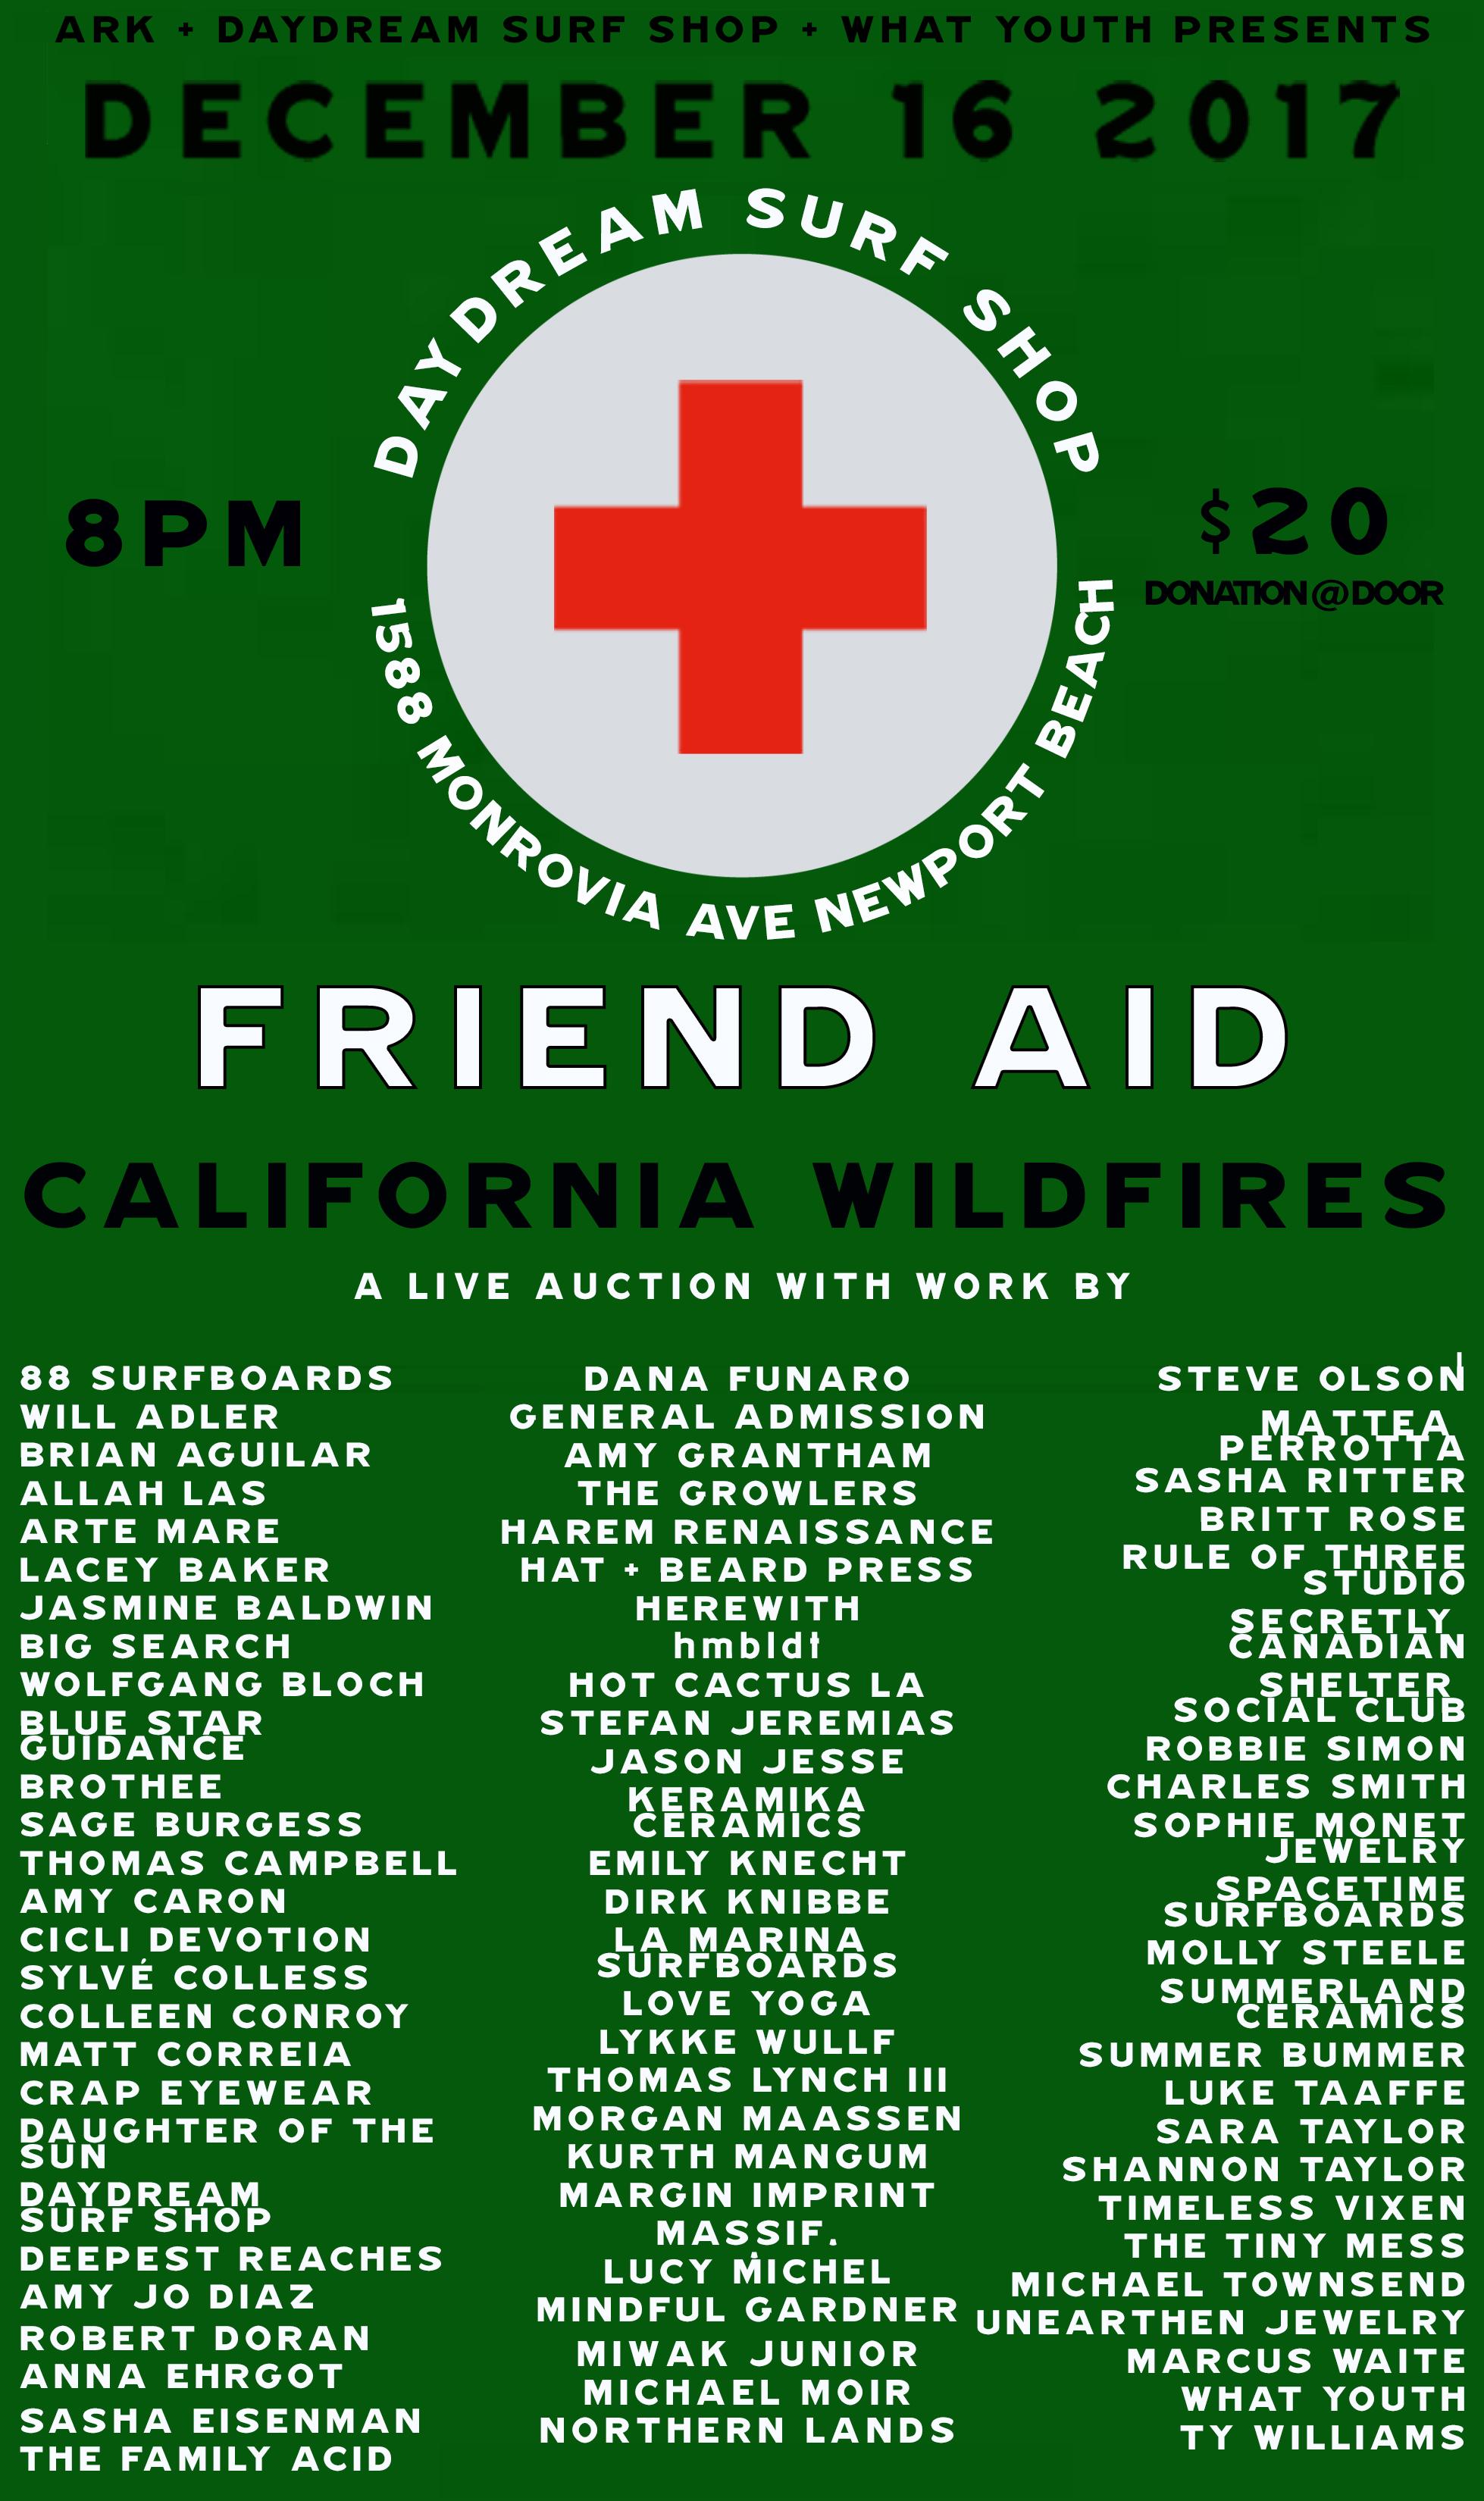 FRIEND AID 2.jpg